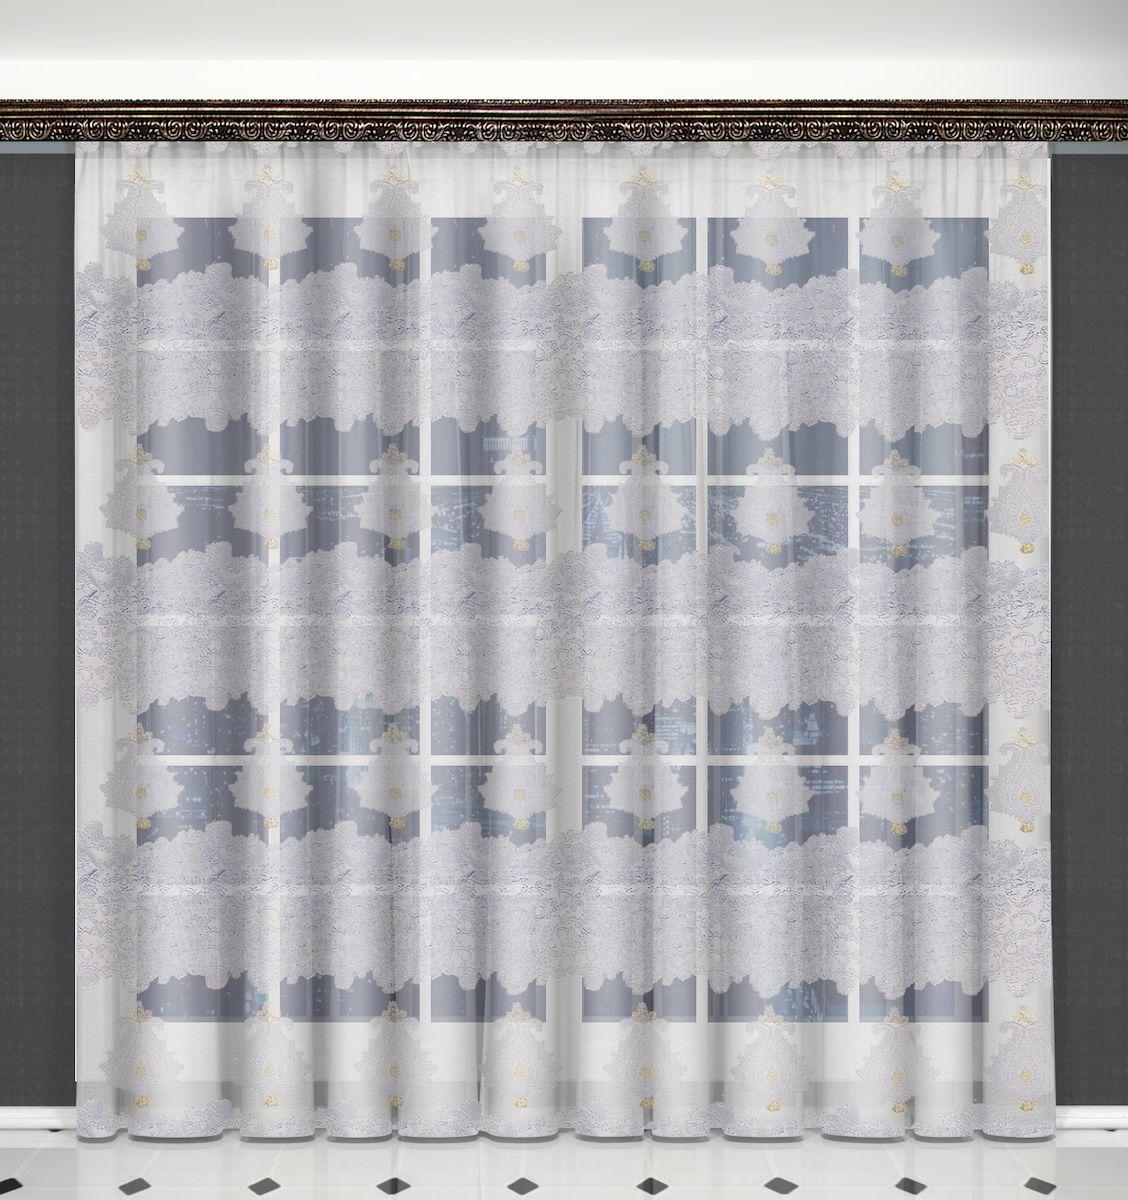 Тюль Zlata Korunka, на ленте, цвет: белый, золотистый, высота 270 см. 556291004900000360Тюль Zlata Korunka, изготовленный из полиэстера, великолепно украсит любое окно. Воздушная ткань и оригинальный орнамент привлекут к себе внимание и органично впишутся в интерьер помещения. Полиэстер - вид ткани, состоящий из полиэфирных волокон. Ткани из полиэстера - легкие, прочные и износостойкие. Такие изделия не требуют специального ухода, не пылятся и почти не мнутся.Тюль крепится на карниз при помощи ленты, которая поможет красиво и равномерно задрапировать верх. Такой тюль идеально оформит интерьер любого помещения.